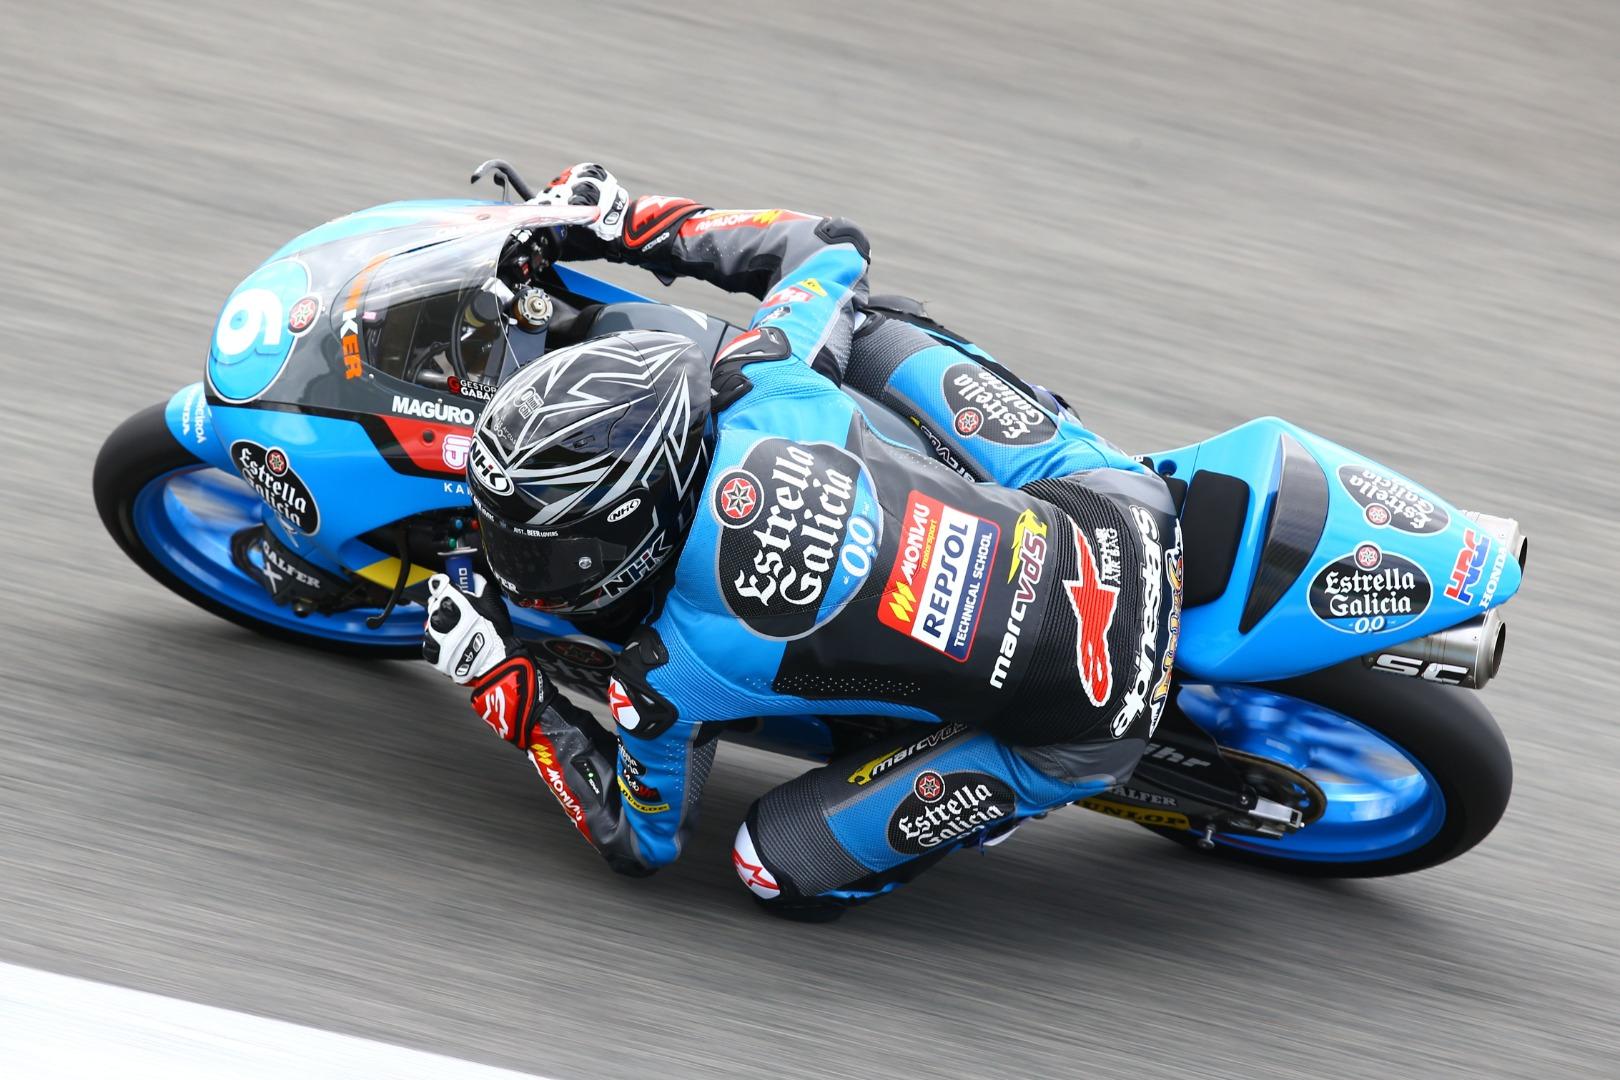 Pilotos Mundial Moto3 2020 test Jerez